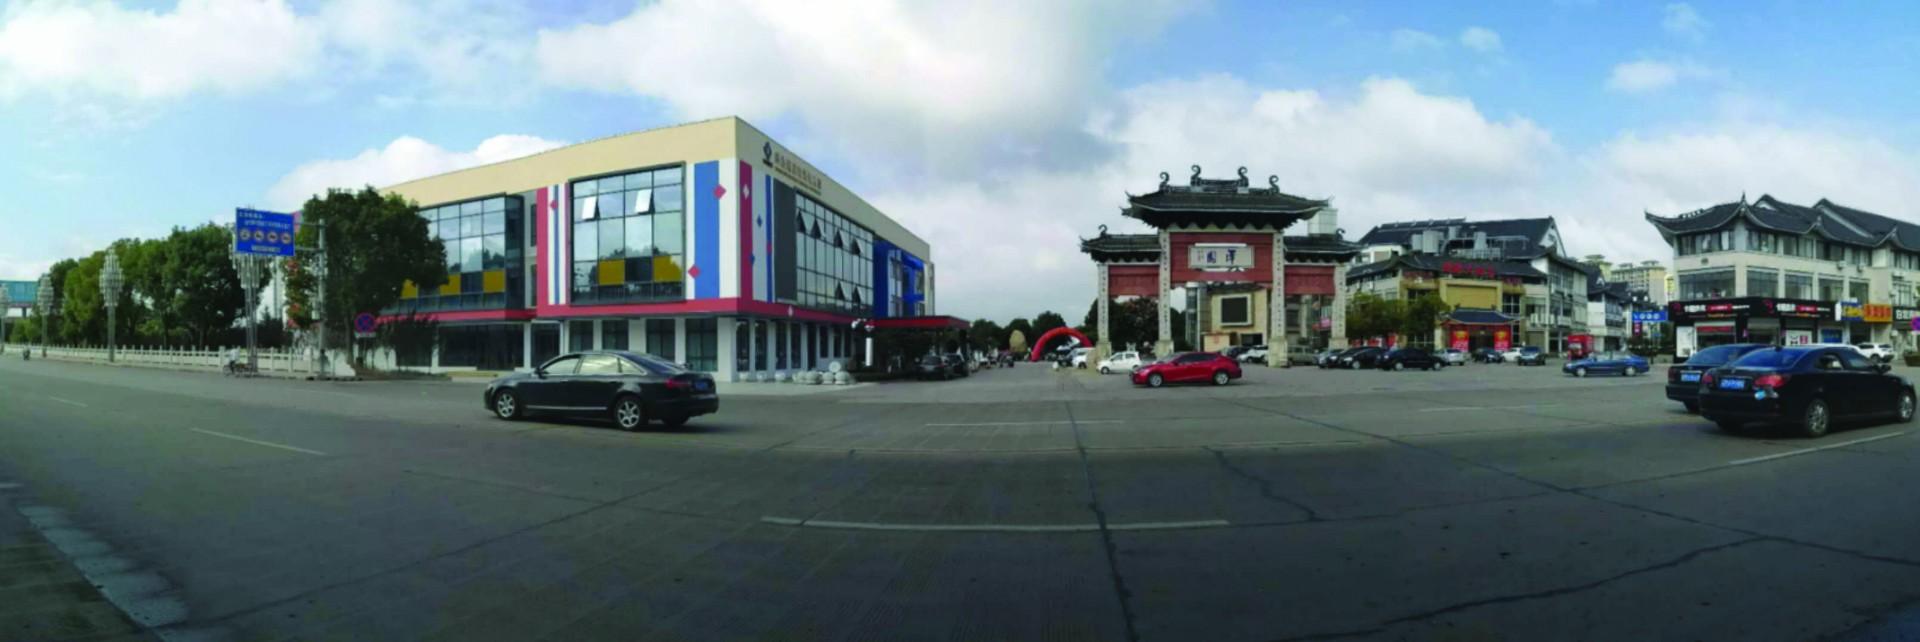 f2-戴南不锈钢交易城(周翔宇 摄) - 迷你看图王.jpg